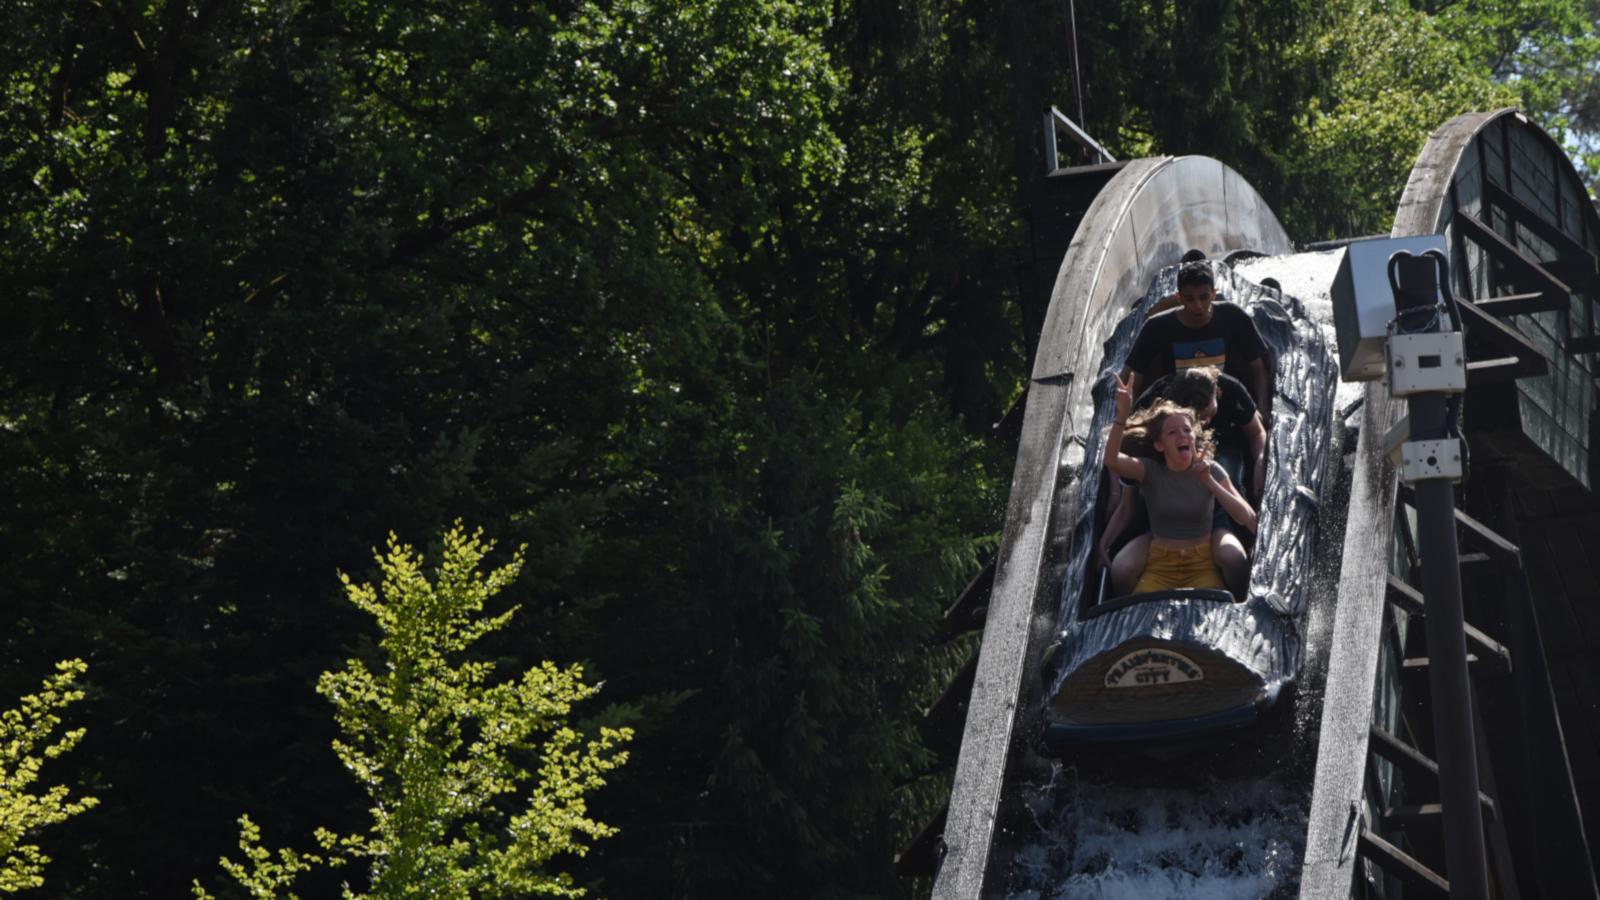 En 2011, le Timber Drop débarque dans le parc et s'engage en faveur de la reforestation dans le monde.